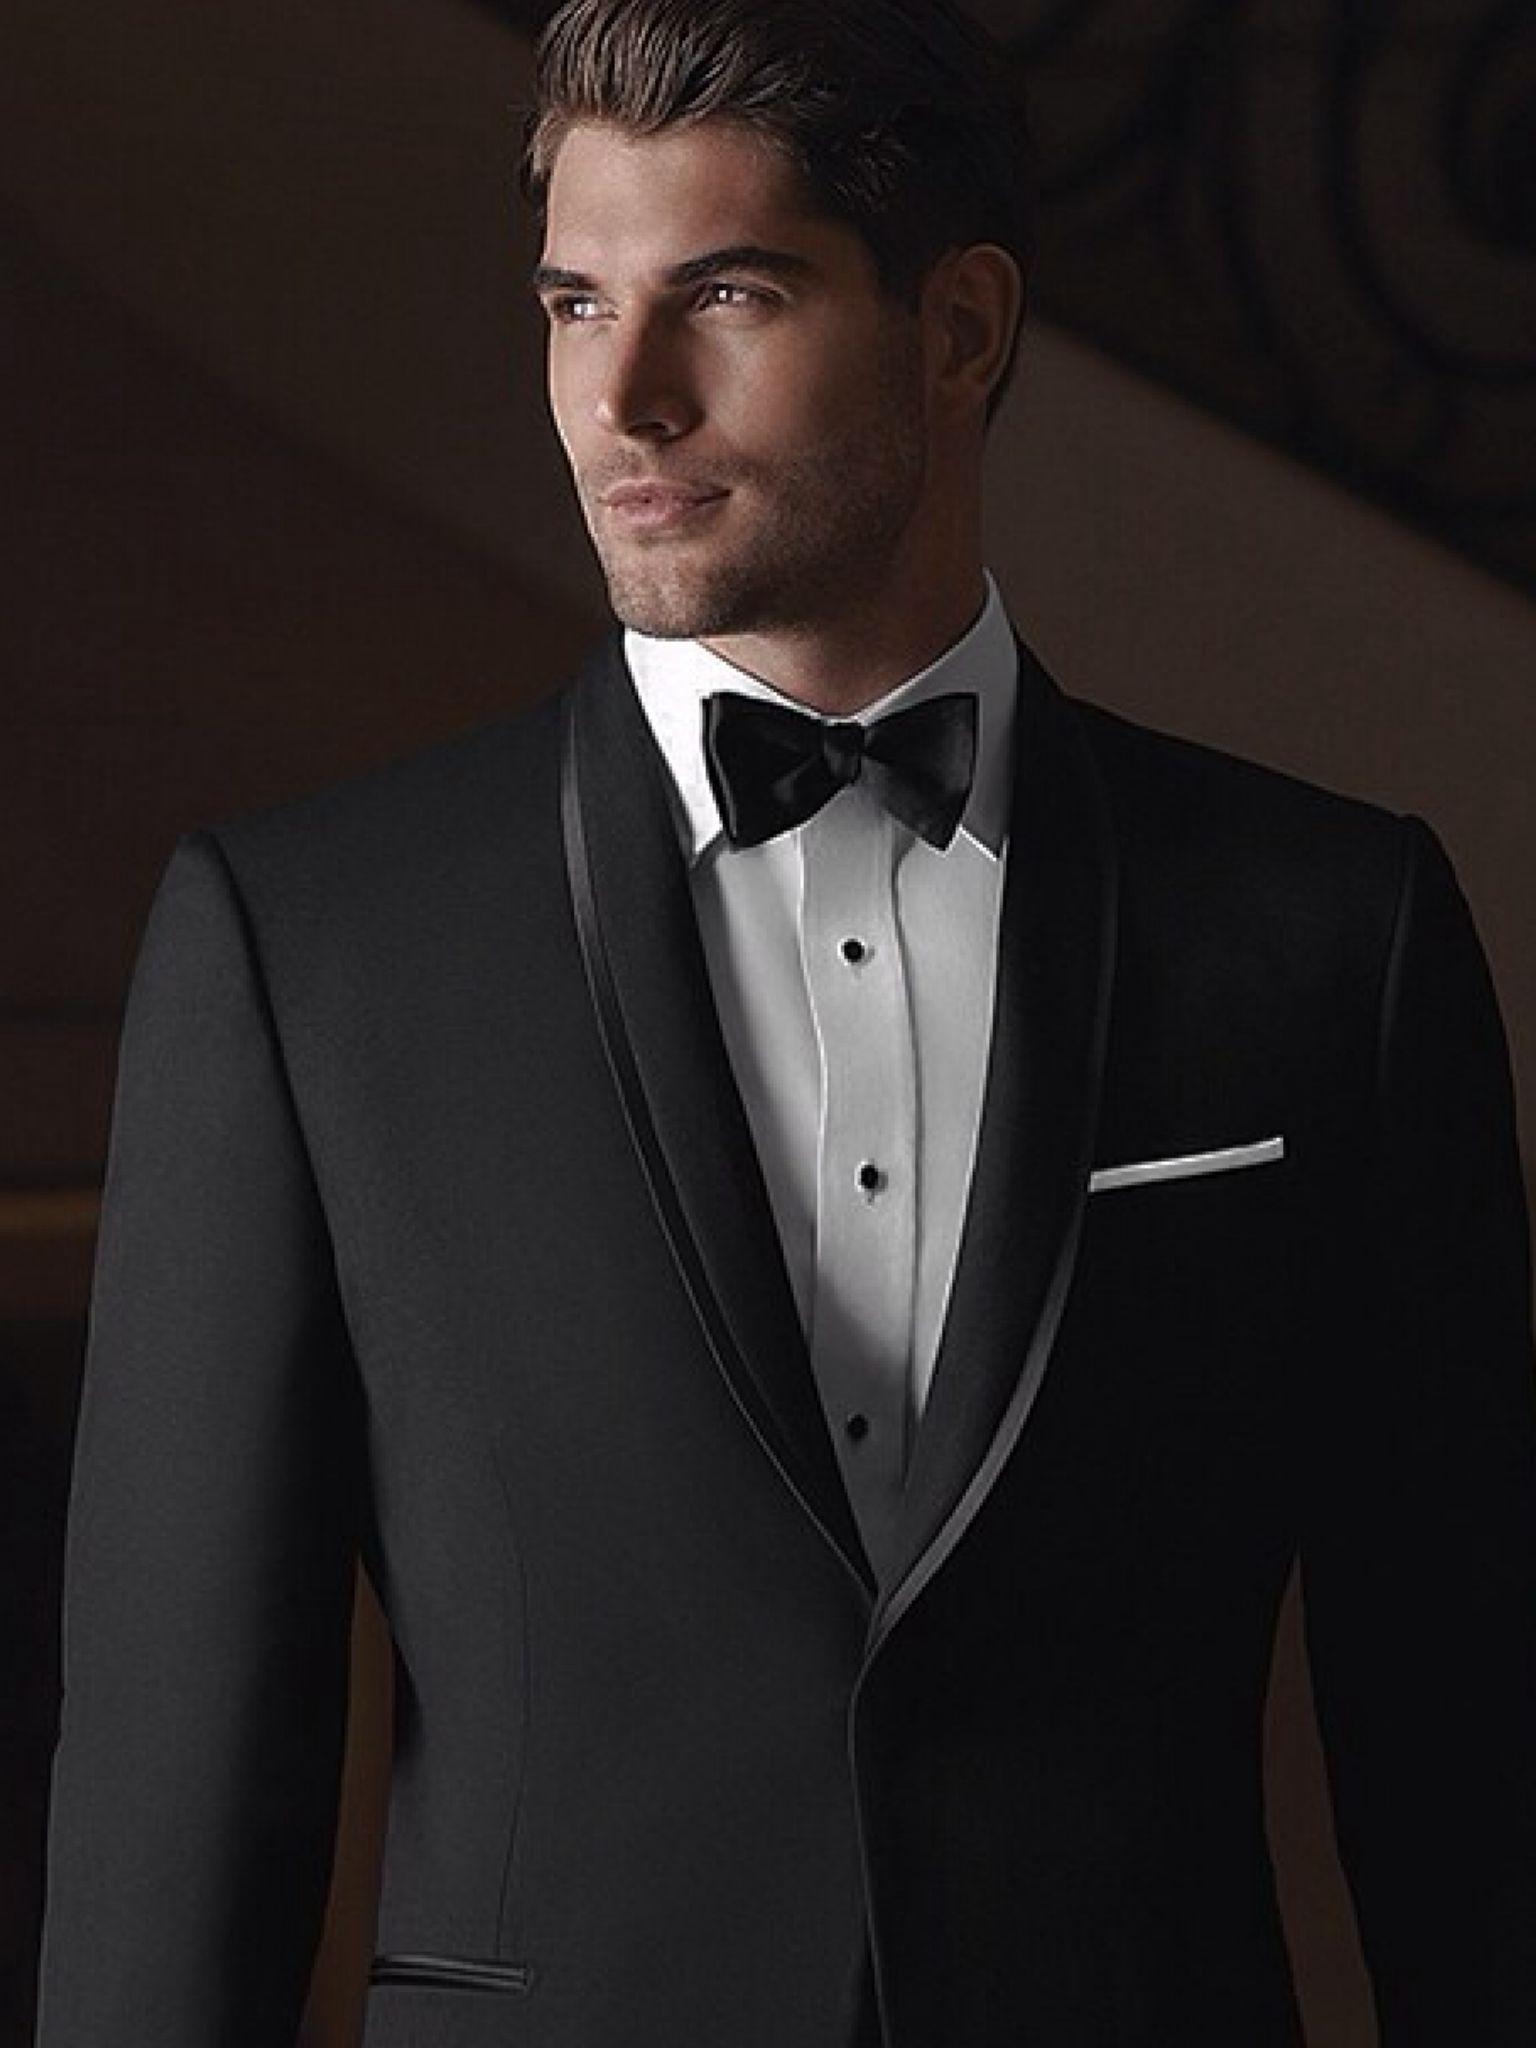 Miller Hart Groom tuxedo black, Wedding suits men black